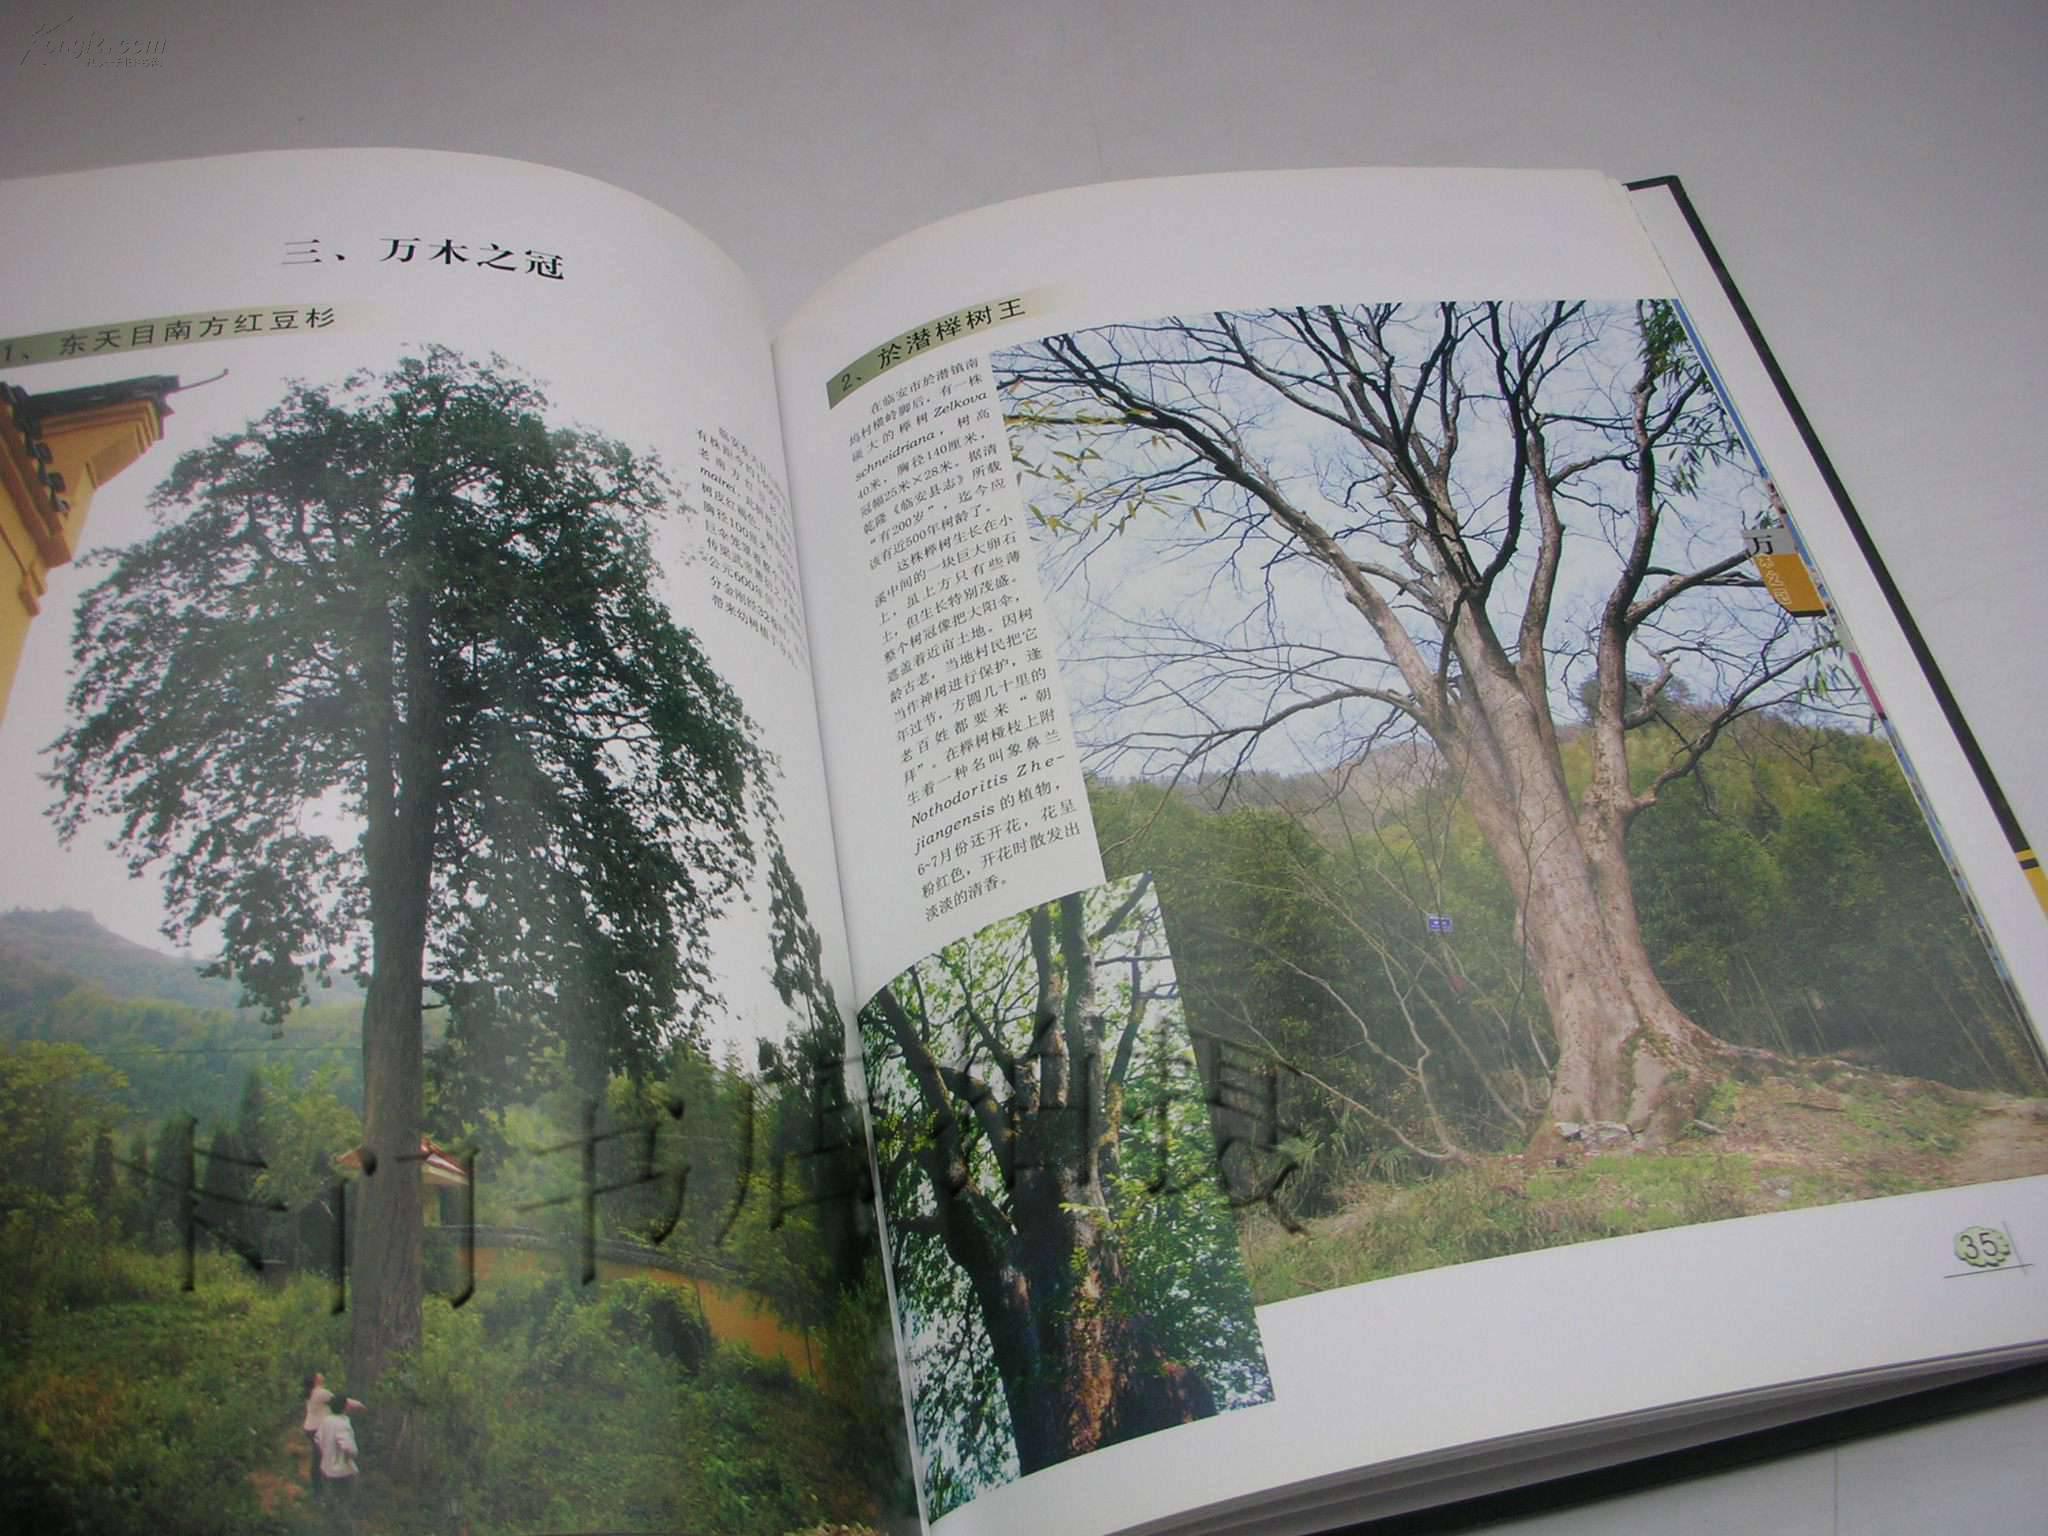 古树参天 东北黄山 丹东凤凰山 图片 170 2880x1728